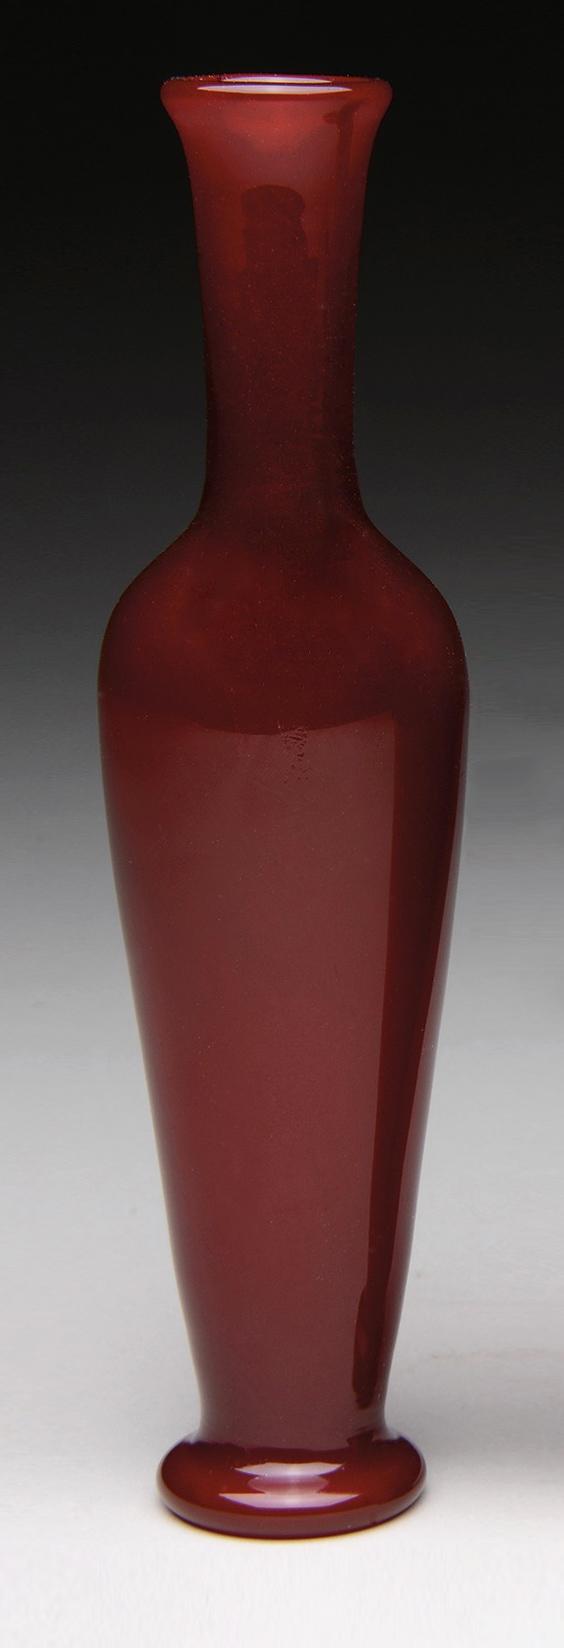 Fine, rare Tiffany Favrile red vase